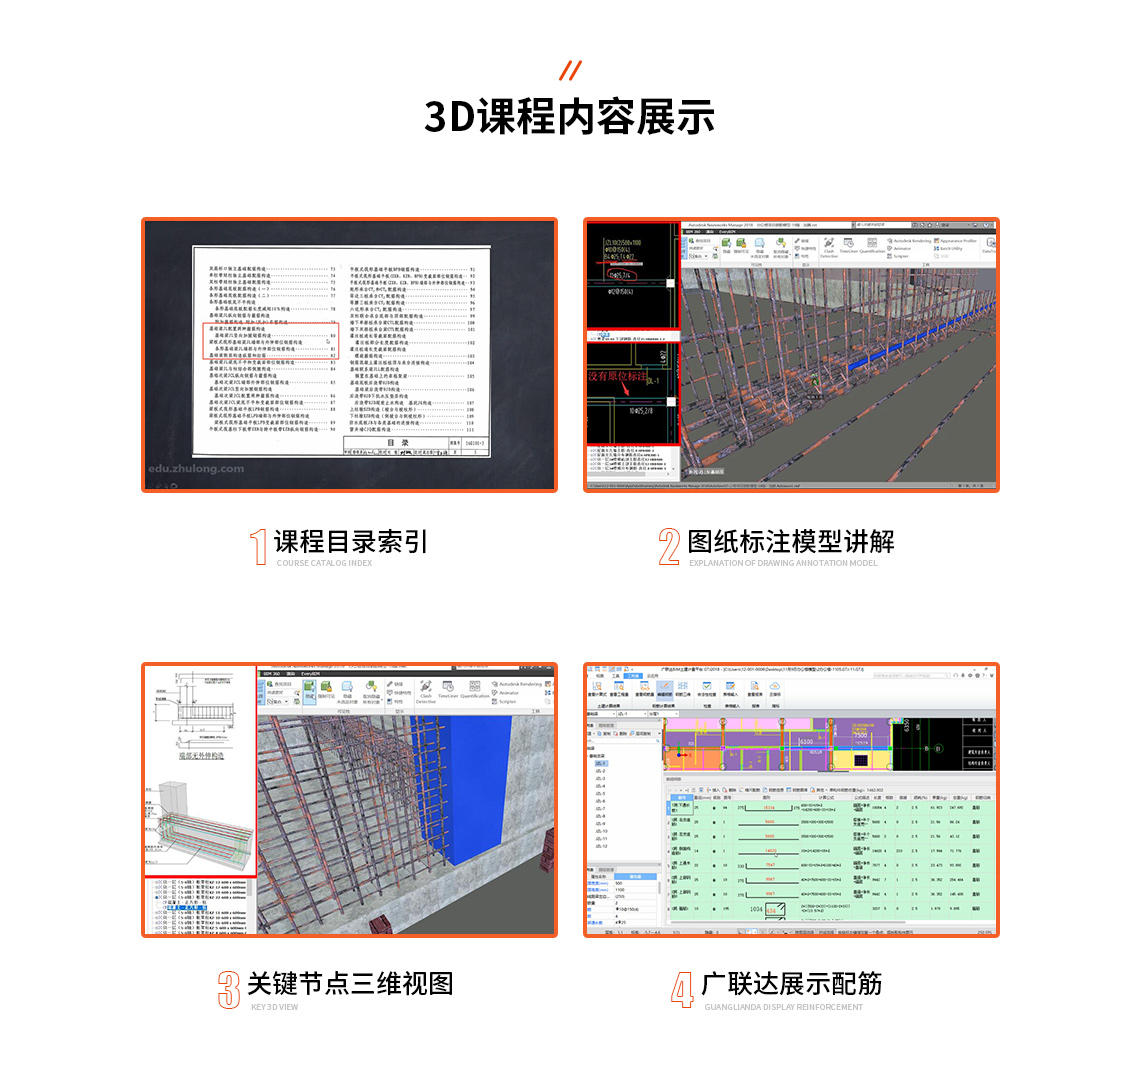 学习课程那么多,为什么选择筑龙3D模型训练营? 我们有,      BIM建模,3D模型帮你还原平法图集      广联达展示,通过数据加强你对节点的理解      字典式教学,一个节点一节课,哪里不会学哪里      30年施工经验,精通钢筋平法图集名师讲解      训练营学员专属班级答疑、不定期直播3D模型|16G平法图集|BIM建模|广联达配筋!